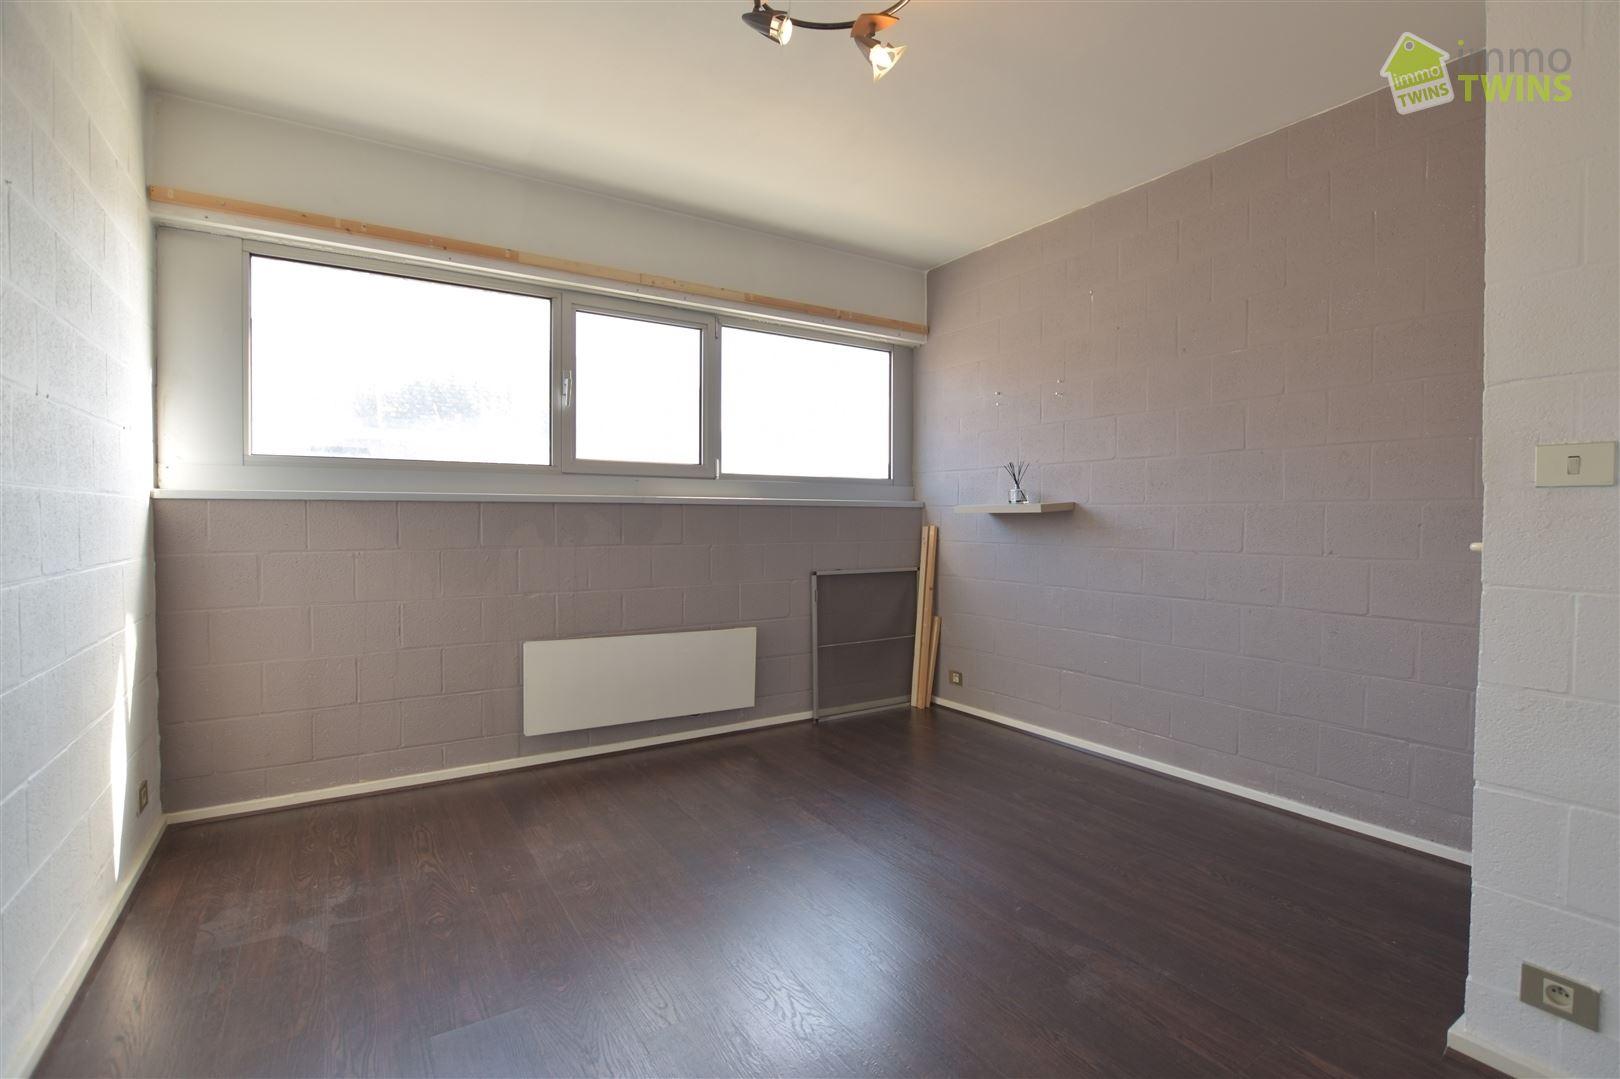 Foto 9 : Duplex/triplex te 9280 LEBBEKE (België) - Prijs € 257.000